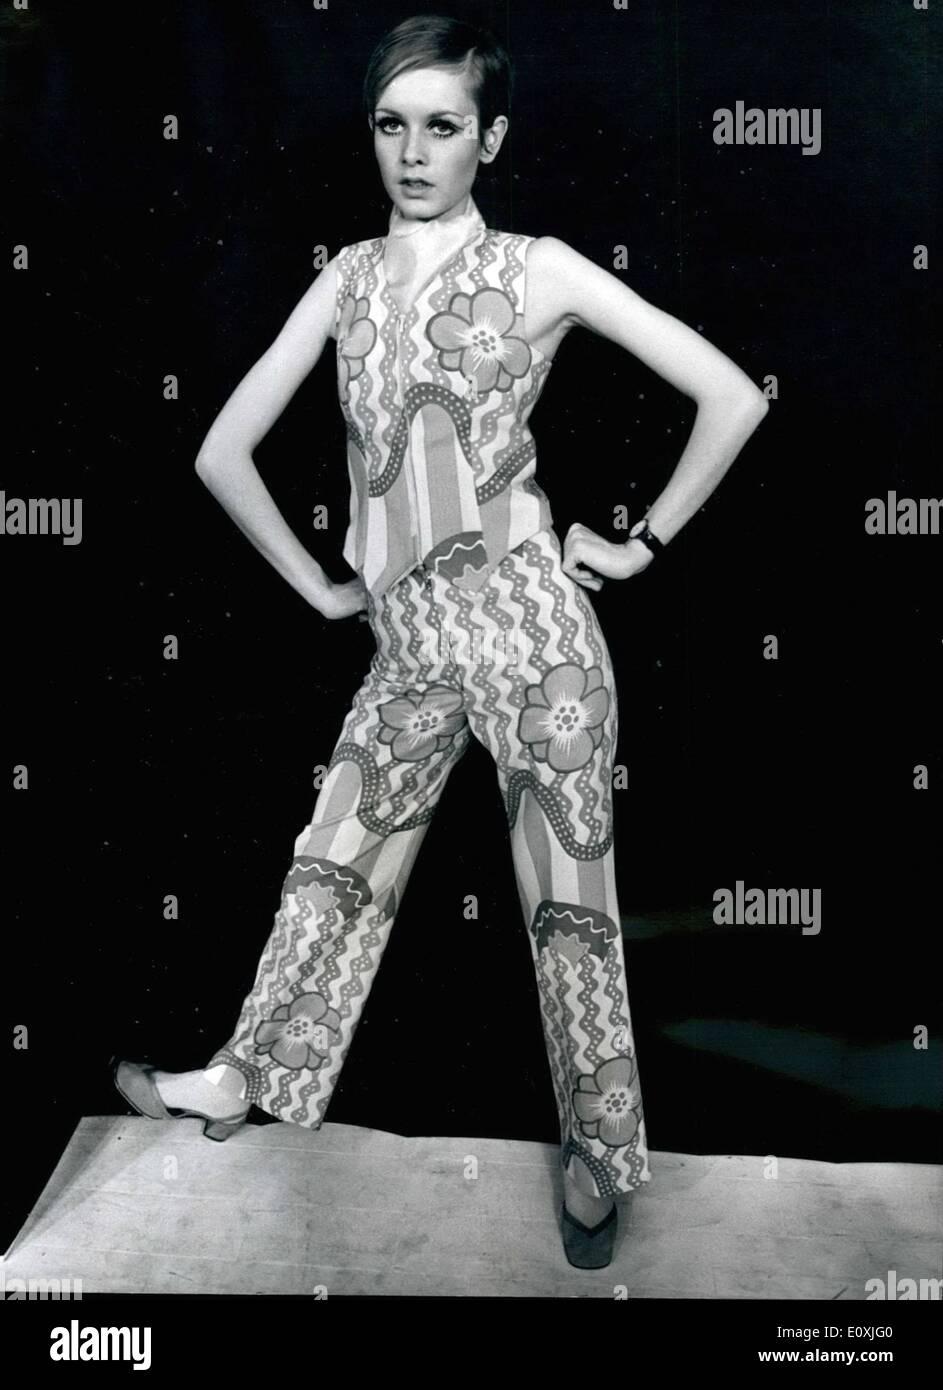 Febbraio 02, 1967 - e ora si tratta di Twiggy - La moda capo ...